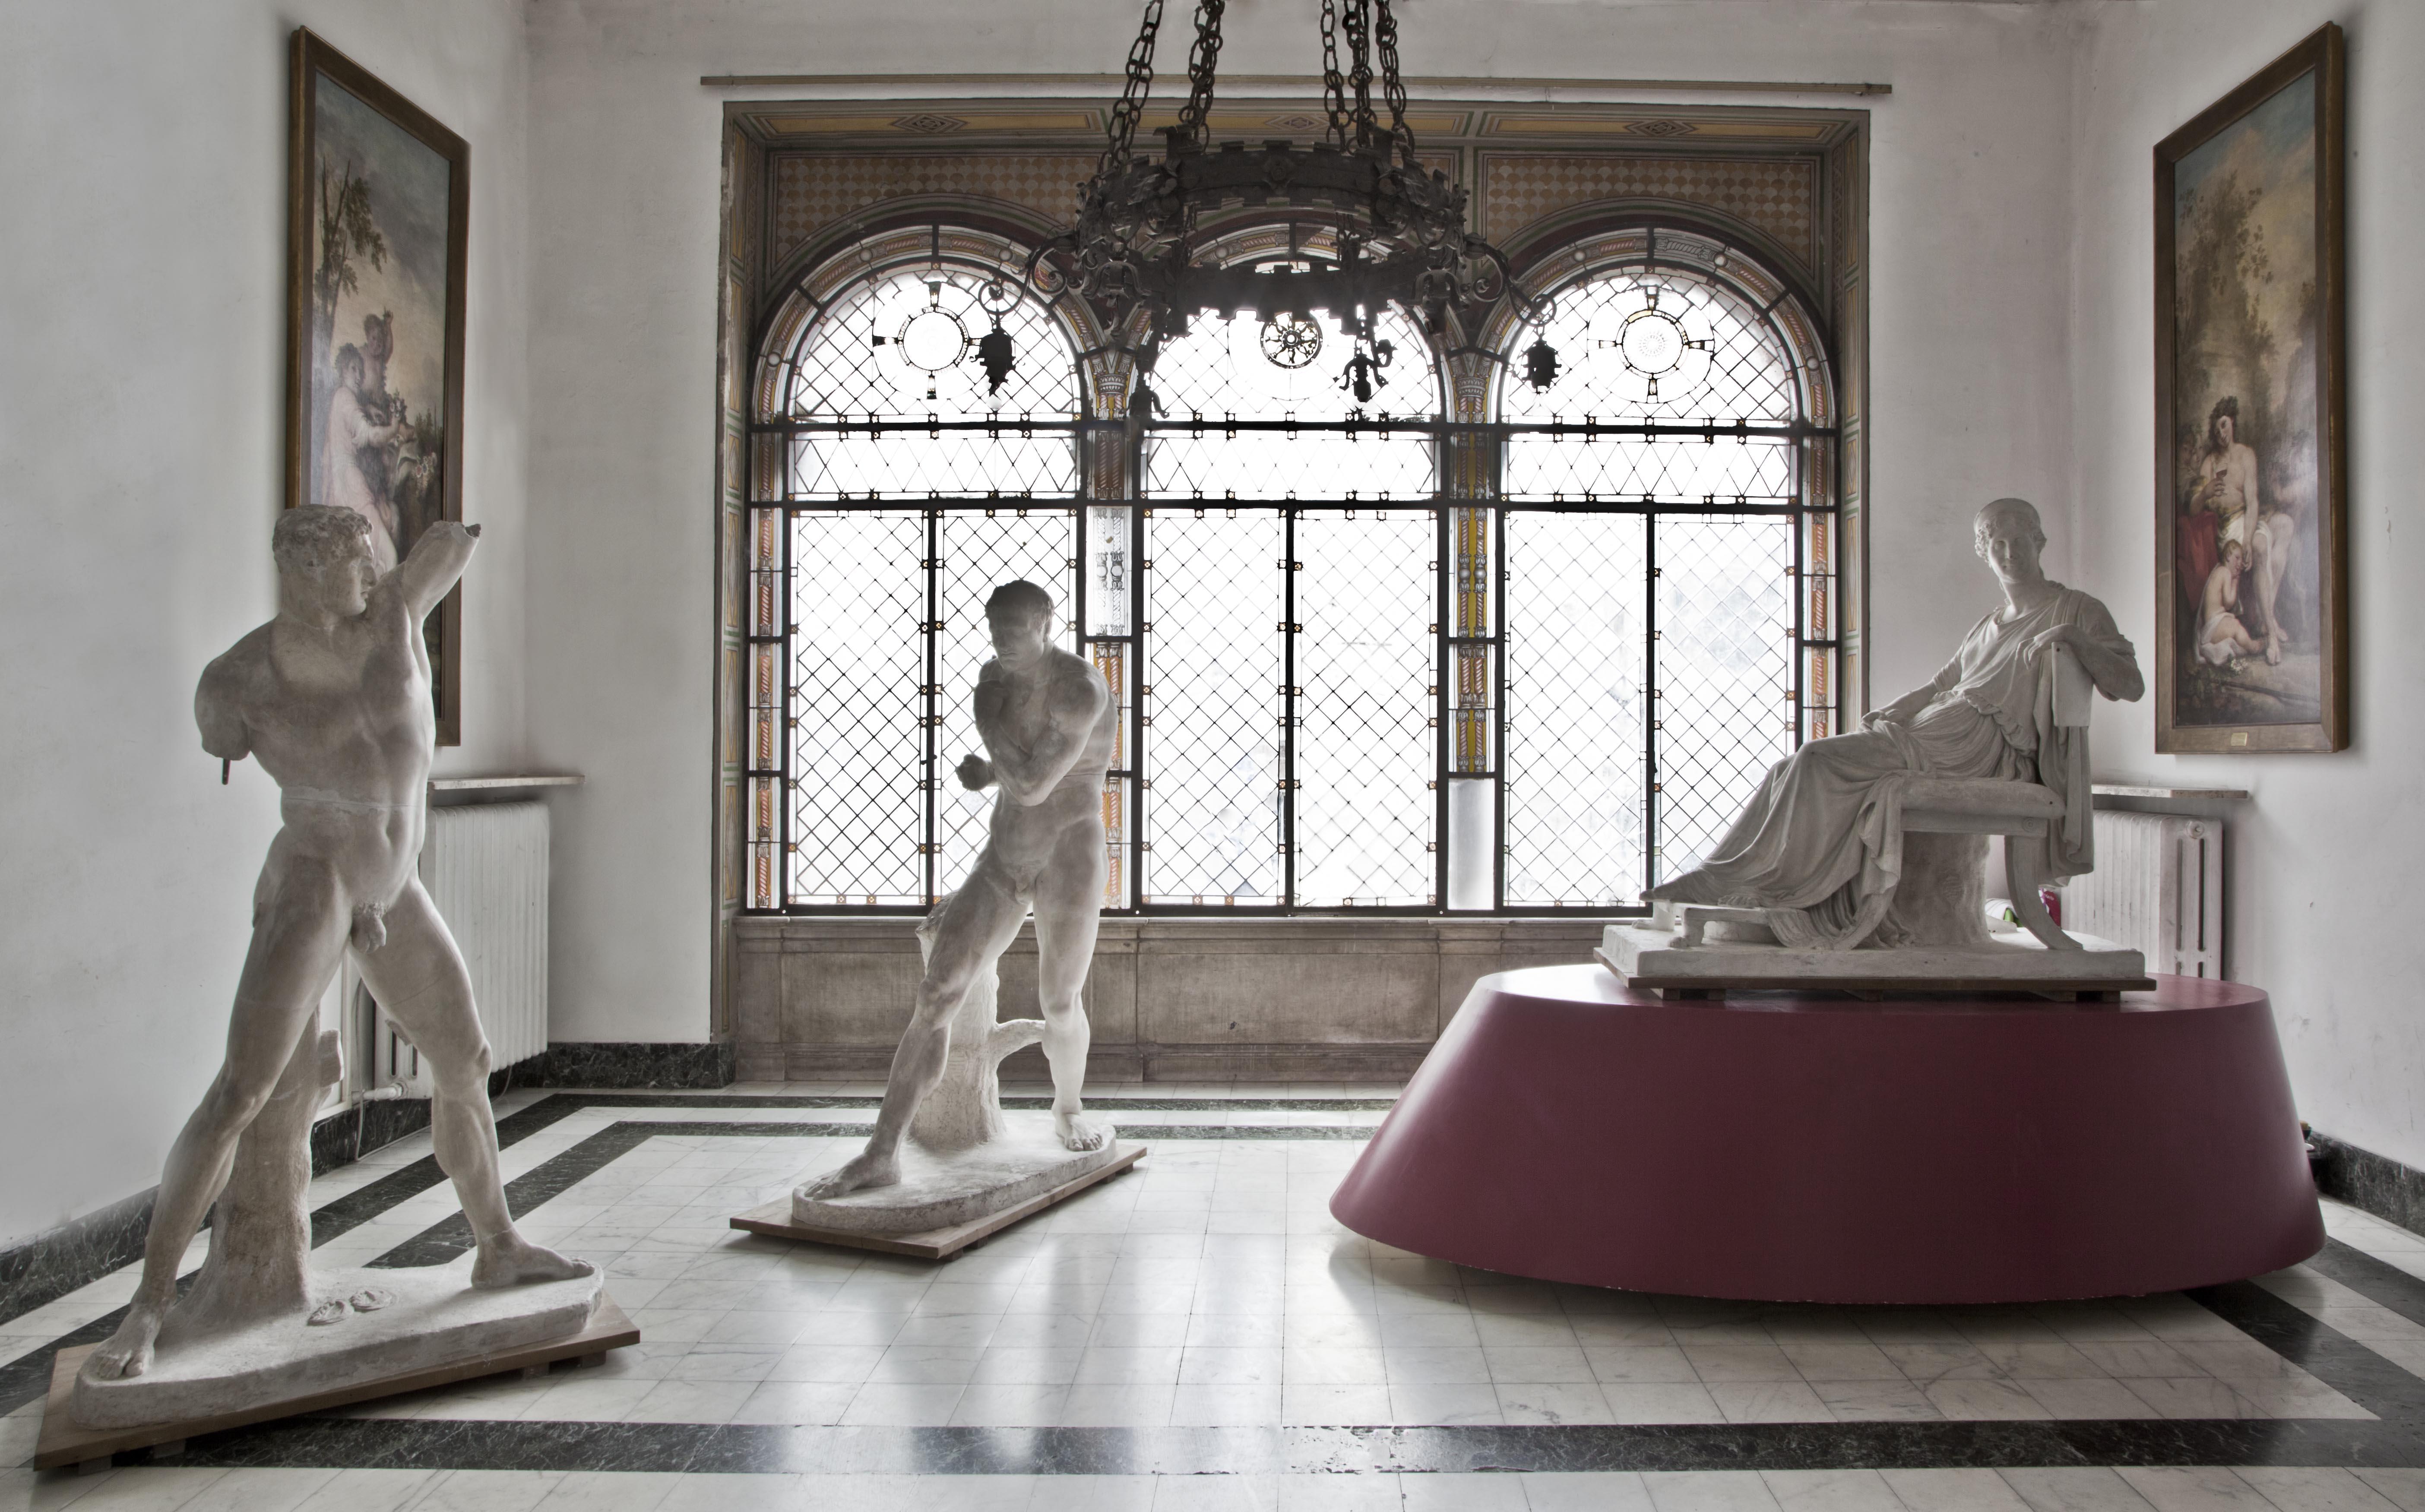 Antonio Canova, I pugilatori Creugante e Damosseno, modelli in gesso, 1795-1808 e modello del ritratto di Letizia Bonaparte. Foto: Robert Pettena